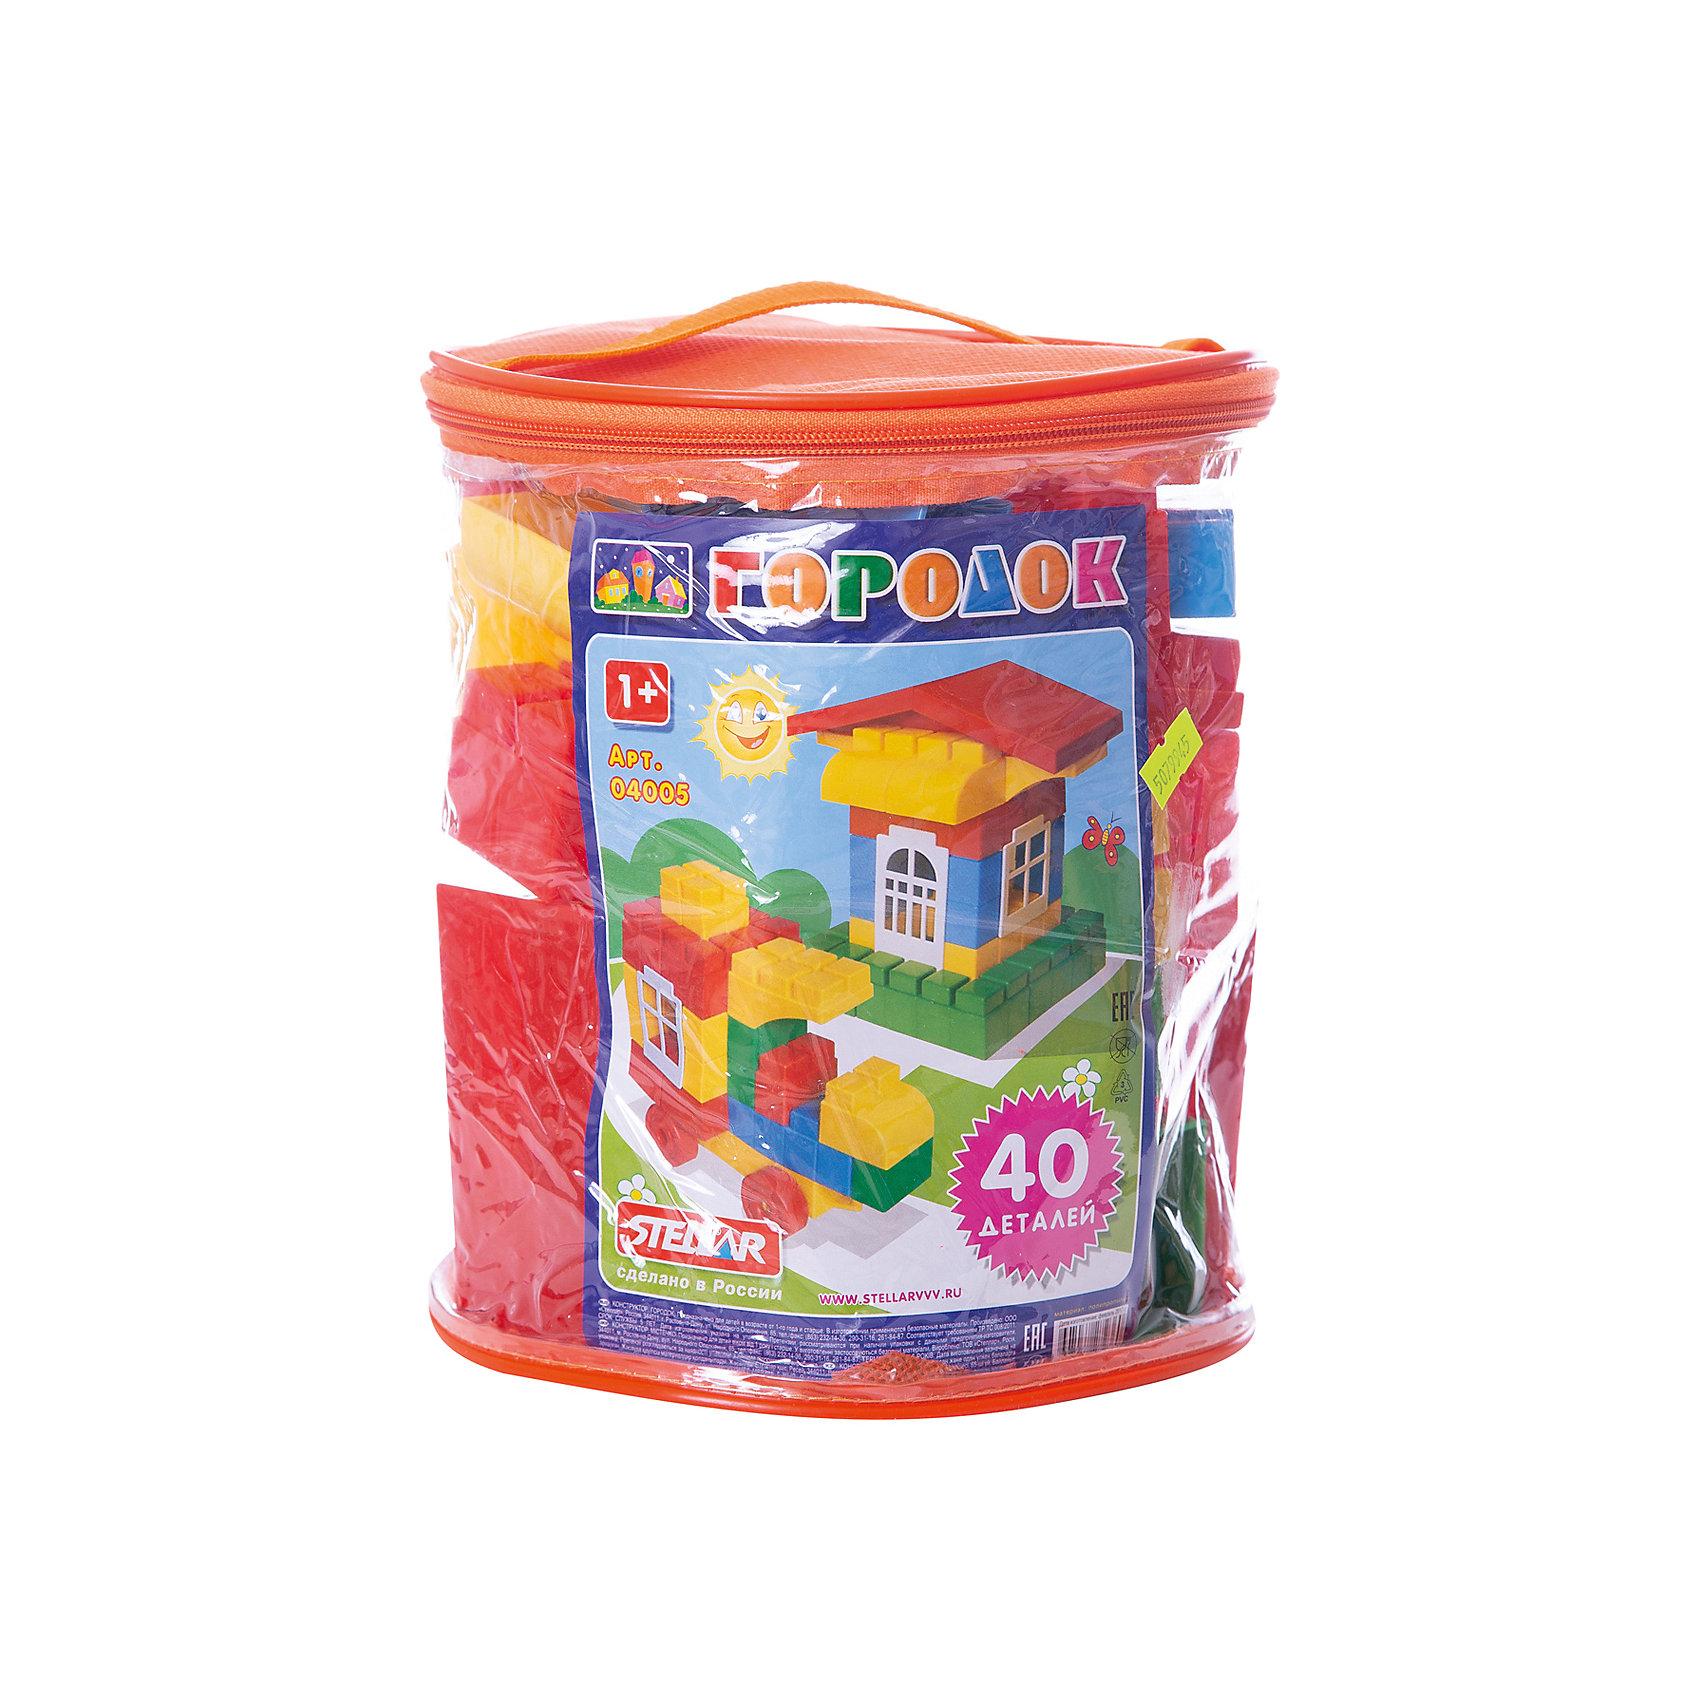 Конструктор Городок, 40 деталей, StellarХарактеристики товара:<br><br>- цвет: разноцветный;<br>- материал: пластик;<br>- деталей: 40;<br>- размер: 23х19х19 см;<br>- комплектация: детали конструктора, упаковка-контейнер.<br><br>Конструкторы могут не только развлекать малыша, но и помогать его всестороннему развитию. Этот набор предназначен для формирования разных навыков, он помогает развить тактильное восприятие, мелкую моторику, воображение, внимание и логику.<br>Изделие представляет собой набор: 40 деталей, из которых можно сделать различные конструкции. Также в наборе есть удобная упаковка в виде прозрачного контейнера, в которой удобно хранить и переносить конструктор. С такой игрушкой можно придумать множество игр! Изделие произведено из качественных материалов, безопасных для ребенка.<br><br>Конструктор Городок, 40 деталей, от бренда Stellar можно купить в нашем интернет-магазине.<br><br>Ширина мм: 200<br>Глубина мм: 200<br>Высота мм: 220<br>Вес г: 800<br>Возраст от месяцев: 36<br>Возраст до месяцев: 2147483647<br>Пол: Унисекс<br>Возраст: Детский<br>SKU: 5079945